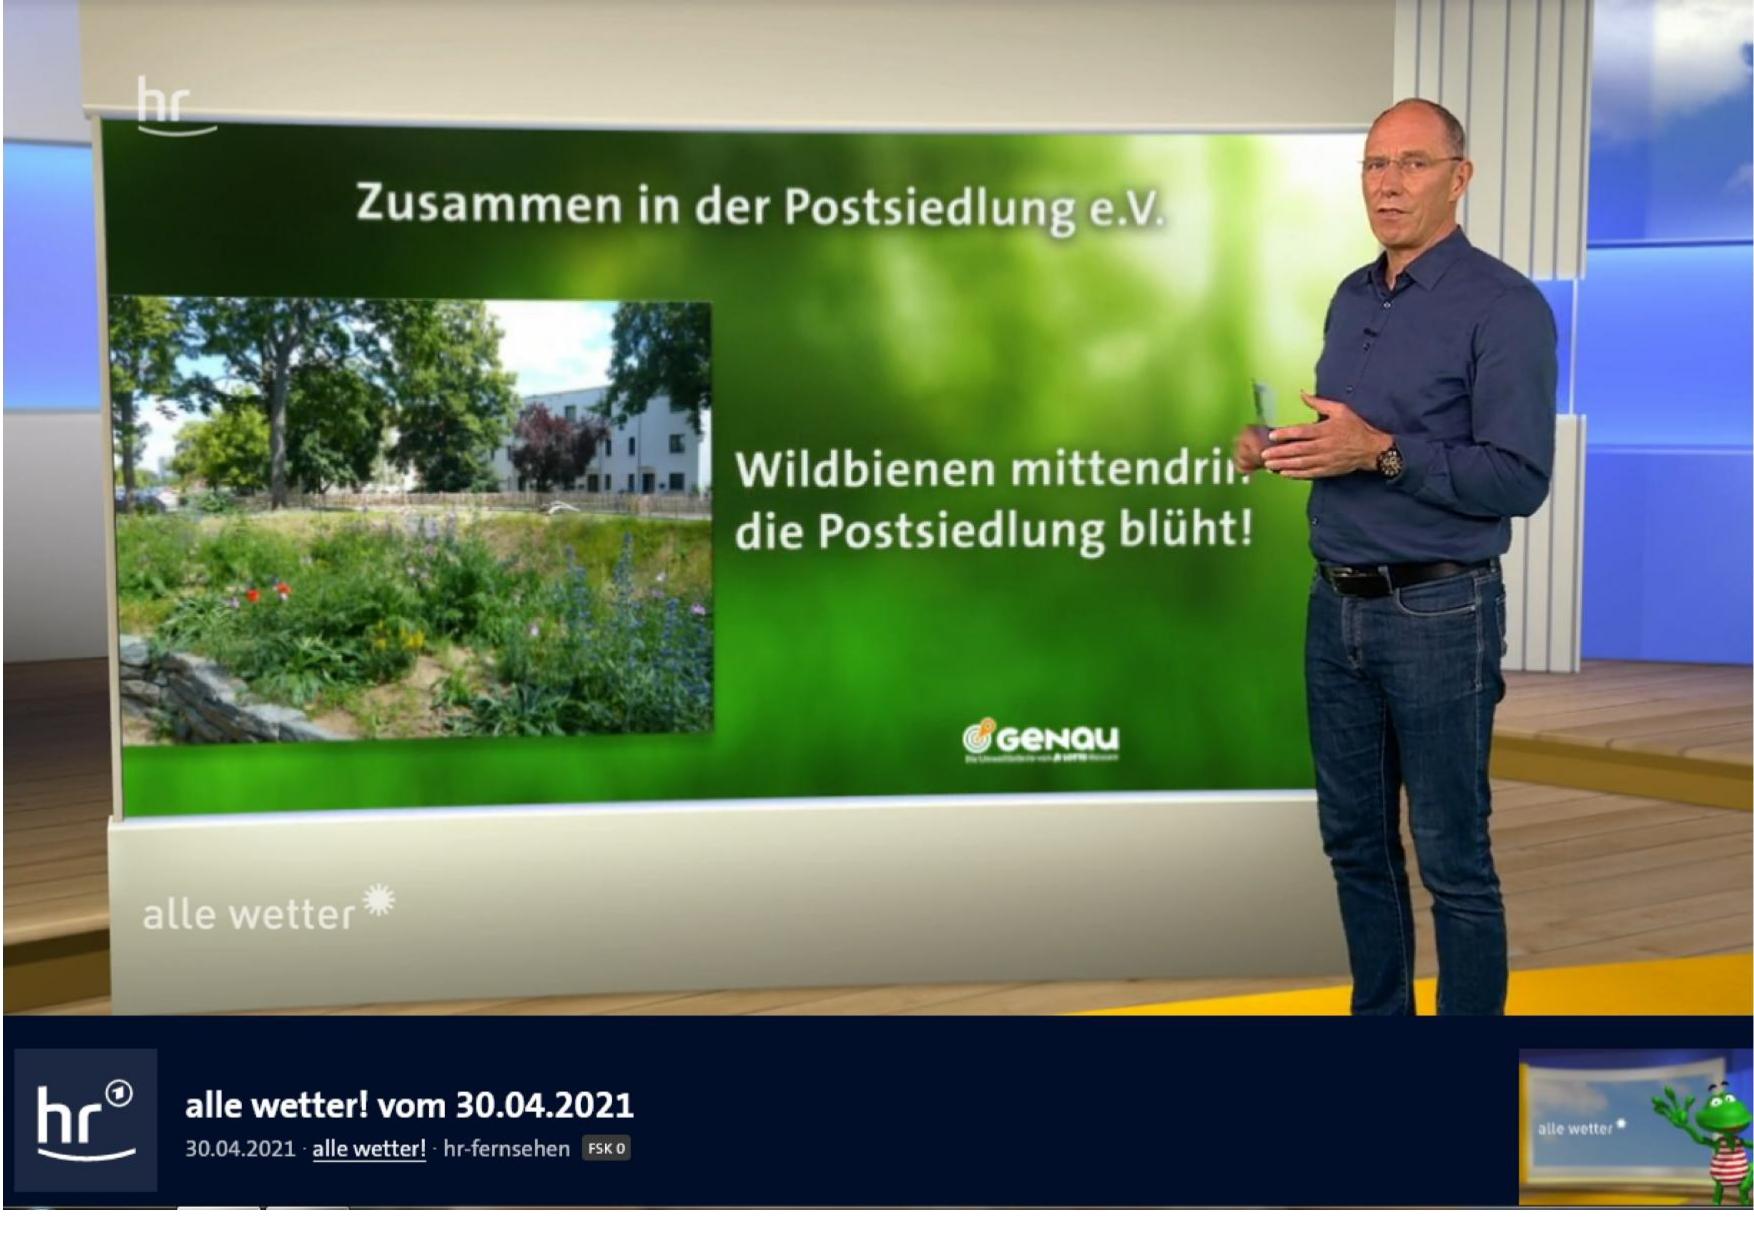 Biotop: GENAU-Umweltlotterie prämiert unsere Arbeit mit 5000,- Euro + Bericht im Hessenfernsehen!